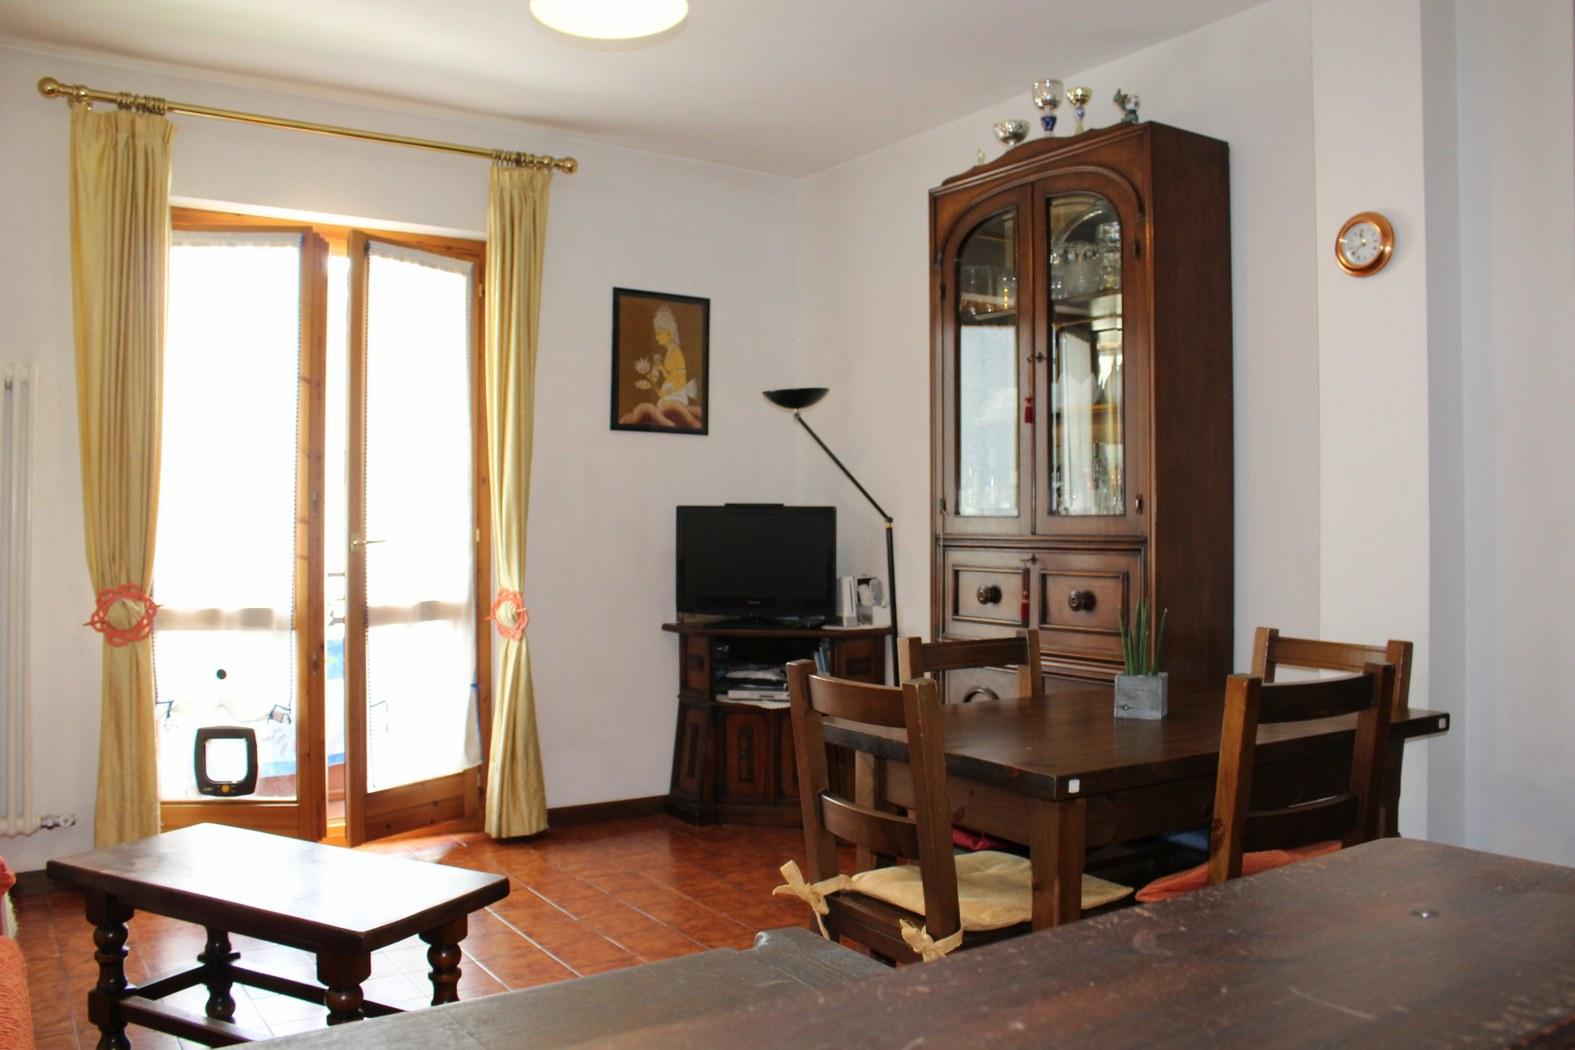 Appartamento in vendita a Pollein, 3 locali, zona Località: Saint-Benin, prezzo € 150.000 | Cambio Casa.it